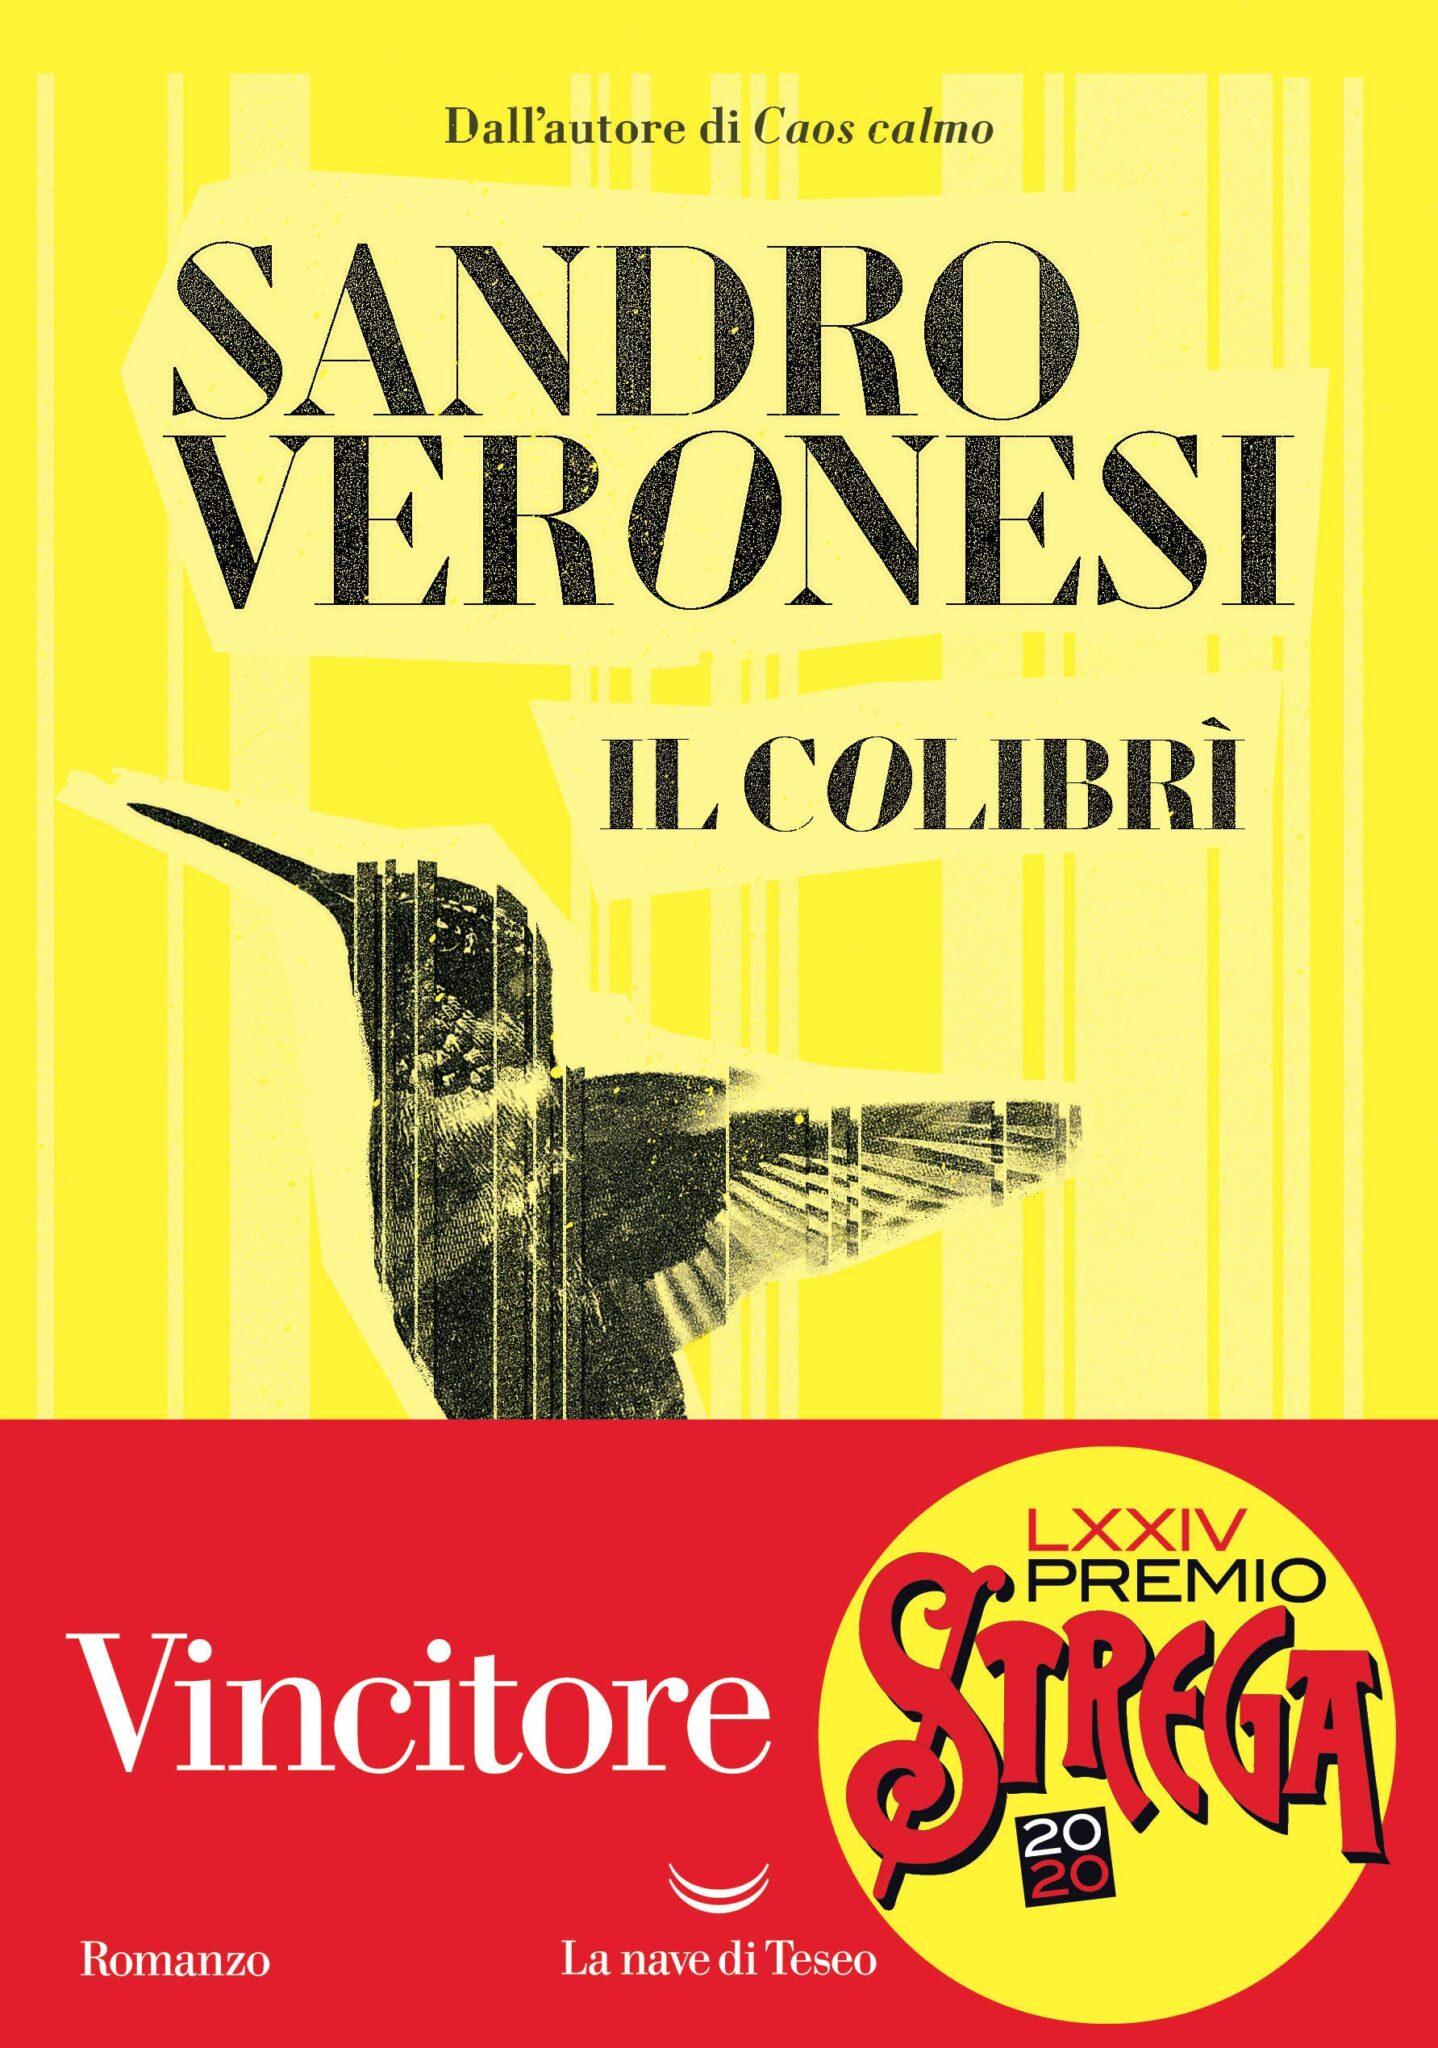 Recensione di Il Colibrì – Sandro Veronesi